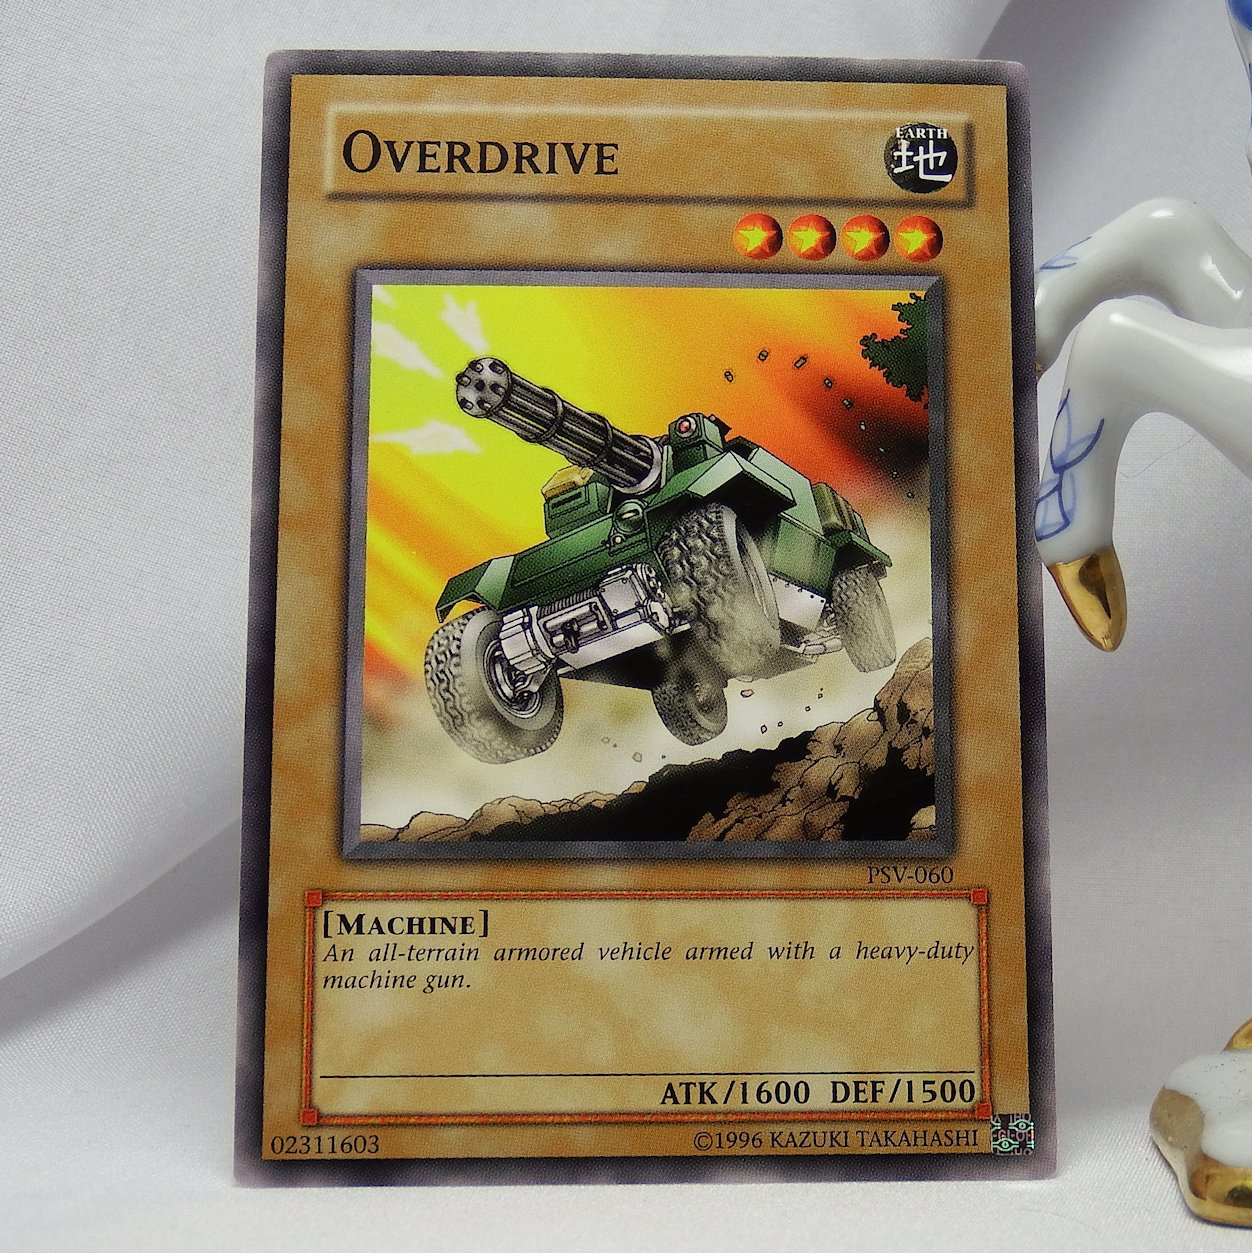 YuGiOh Pharaoh's Servant PSV-060 Overdrive